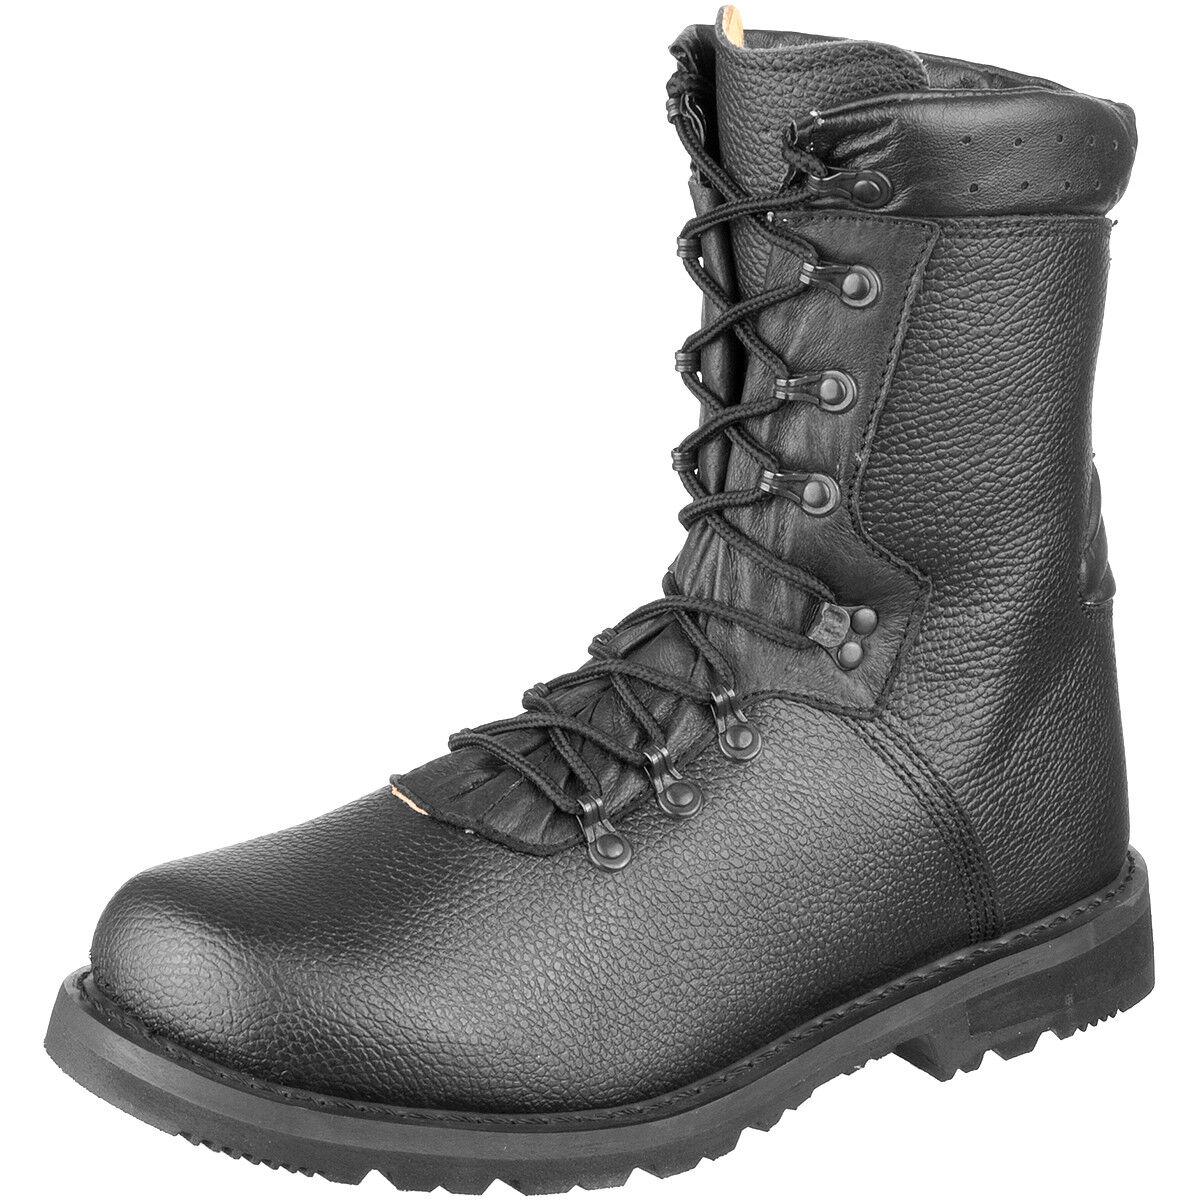 Brandit Bw 2000 Bundeswehr Kampf Stiefel Modell 2000 Bw Leder Militär Schuhe Schwarz 1835b7